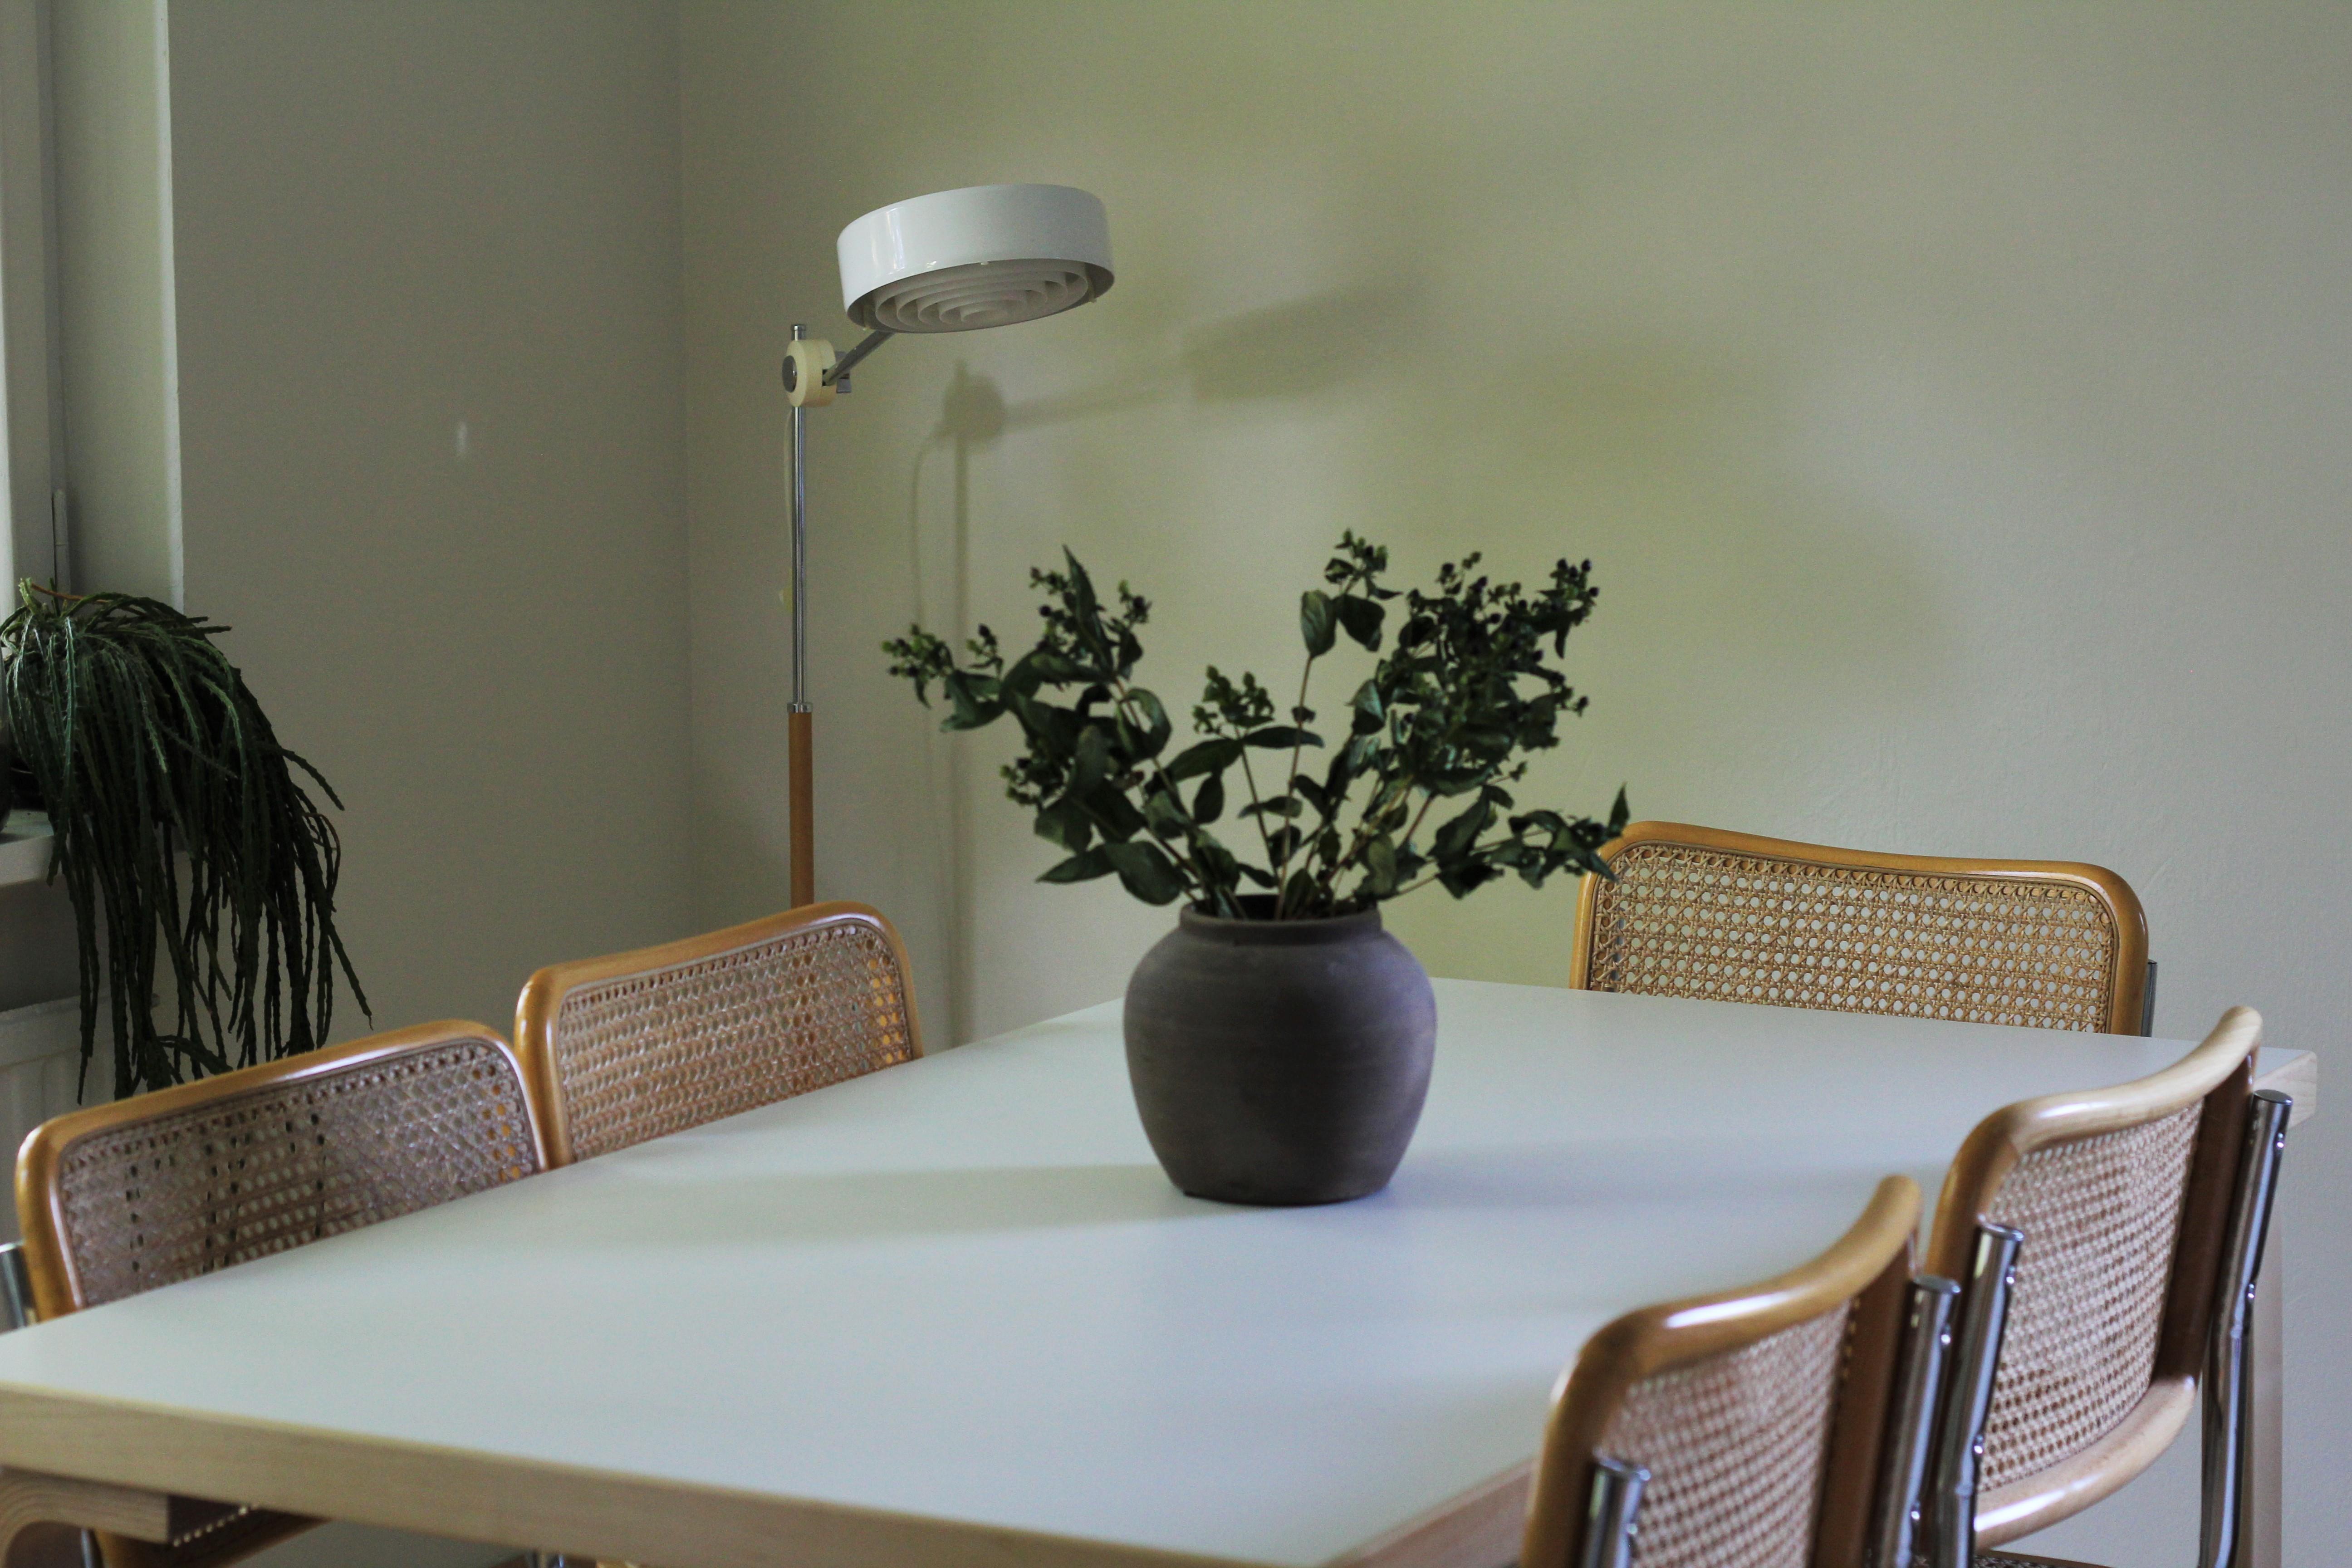 Simris on lähtöisin samalta aikakaudelta kuin asuntommekin. Kiiltävä valkoinen kupu erottuu kauniisti luonnonvalkoista seinää vasten.